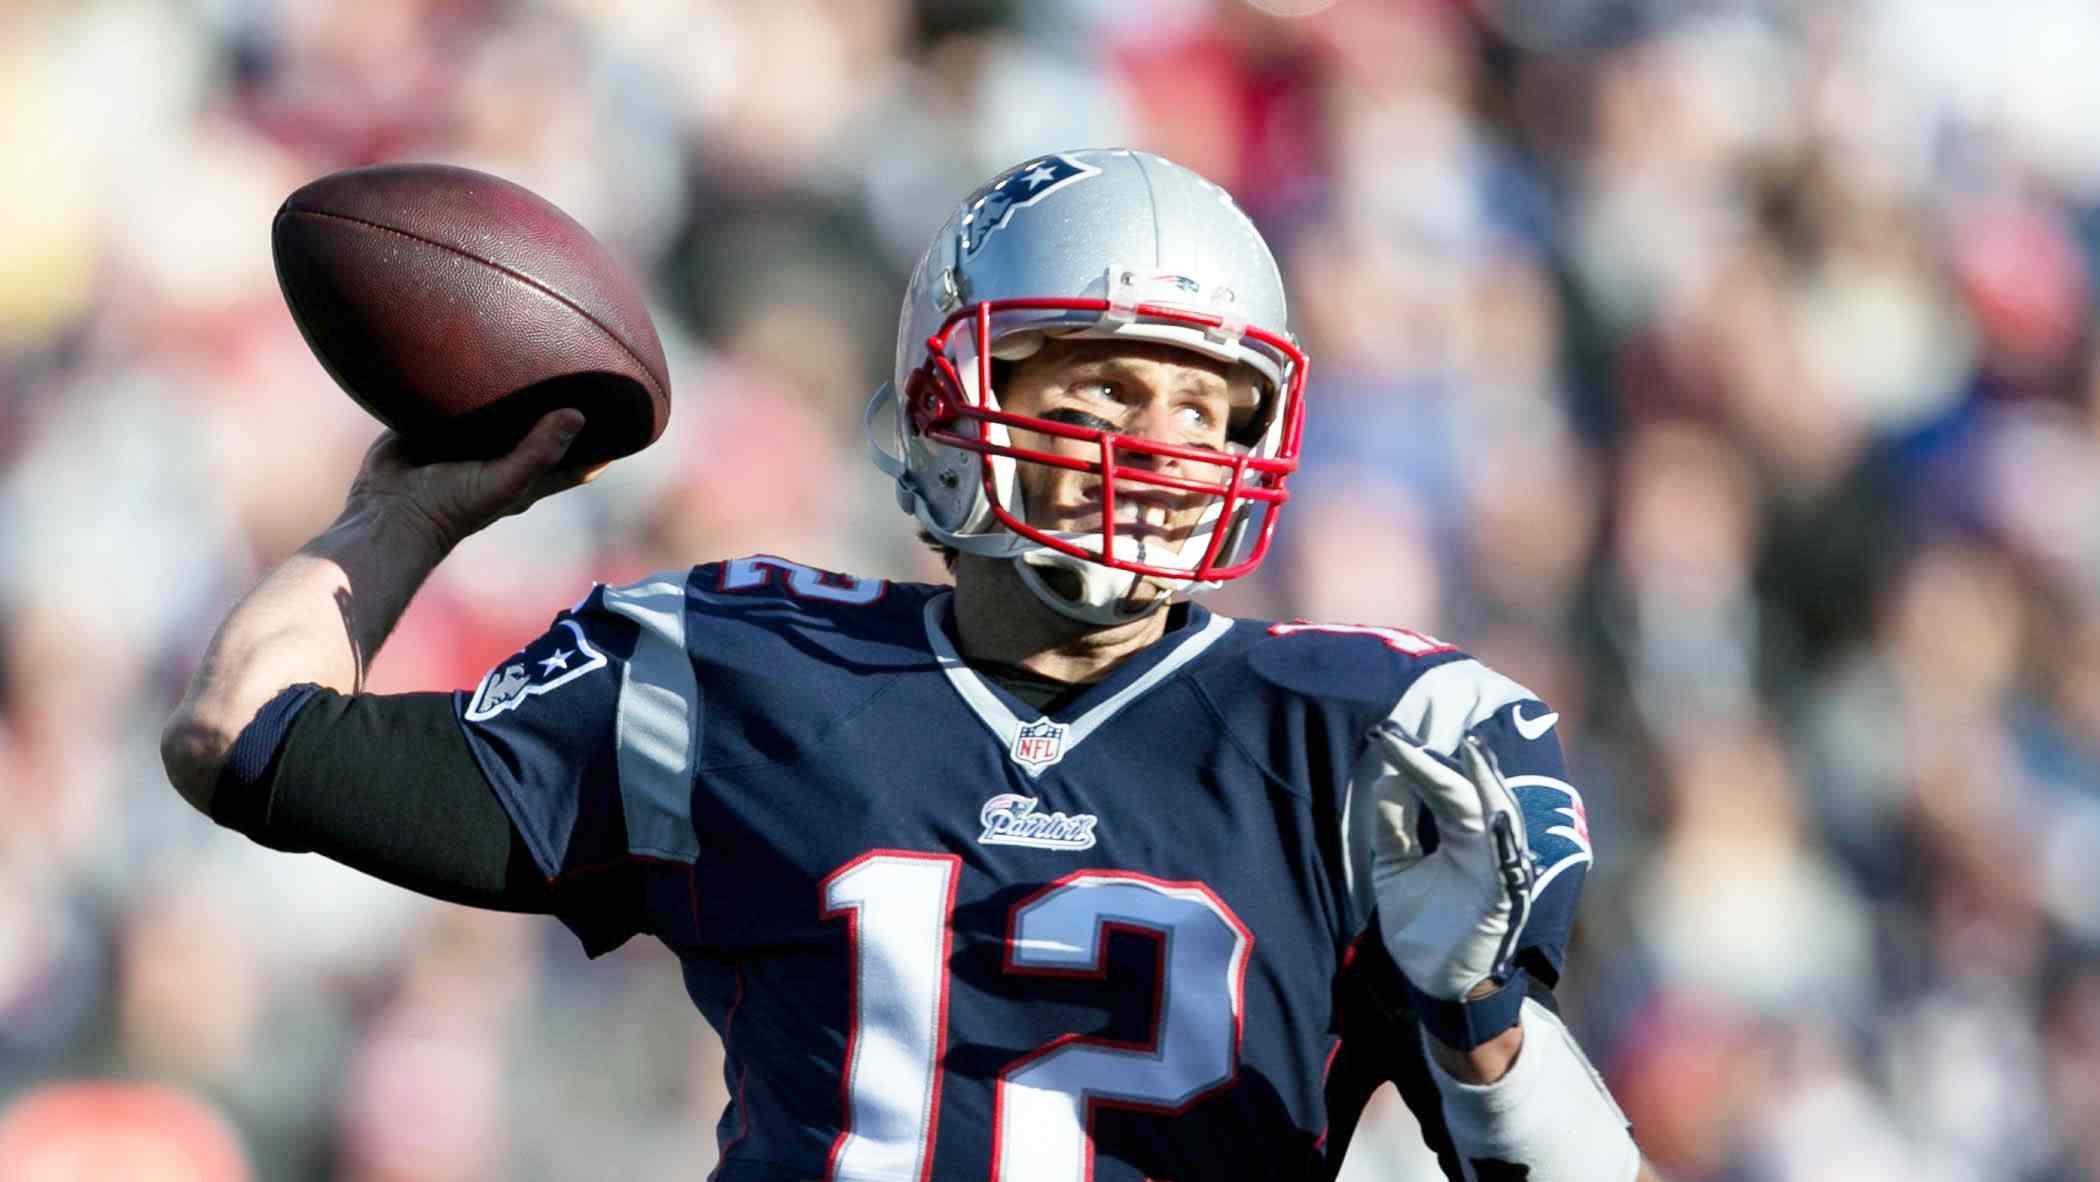 Die besten NFL Spieler aller Zeiten Tom Brady